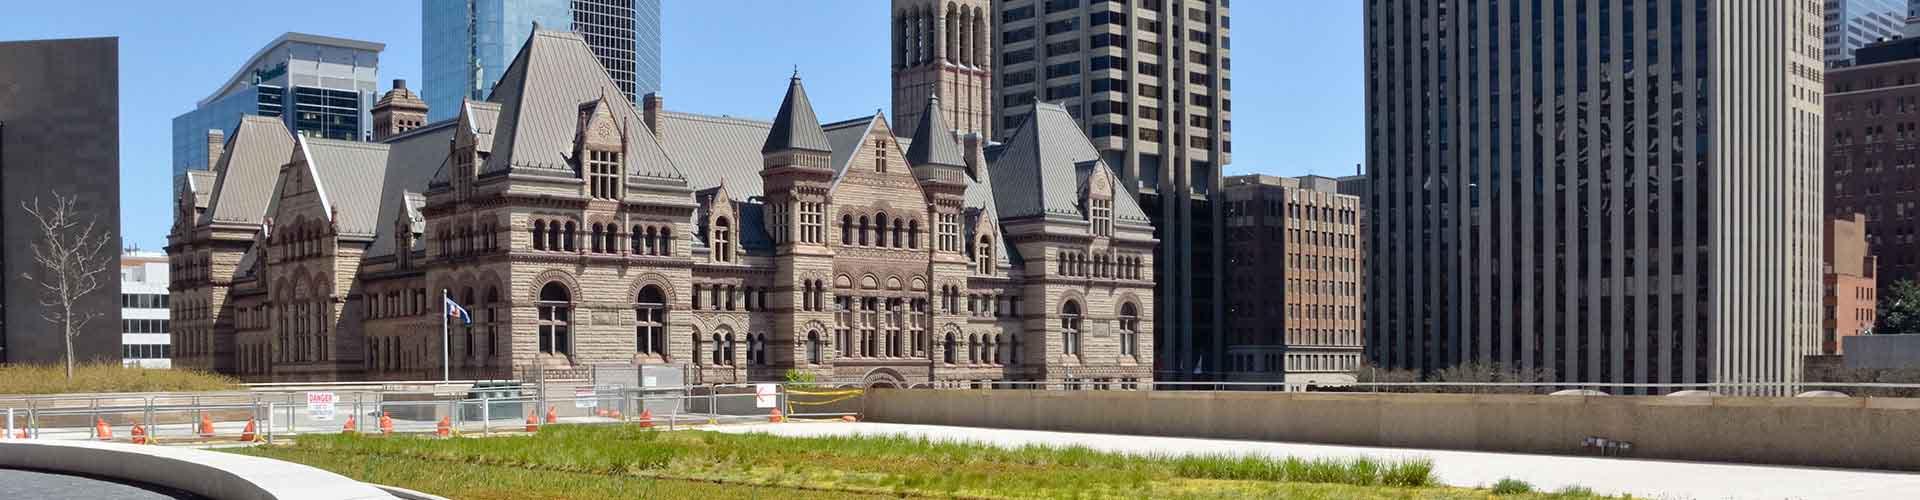 토론토 - Old Toronto 지구의 호스텔. 토론토의 지도, 토론토에 위치한 호스텔 사진 및 후기 정보.